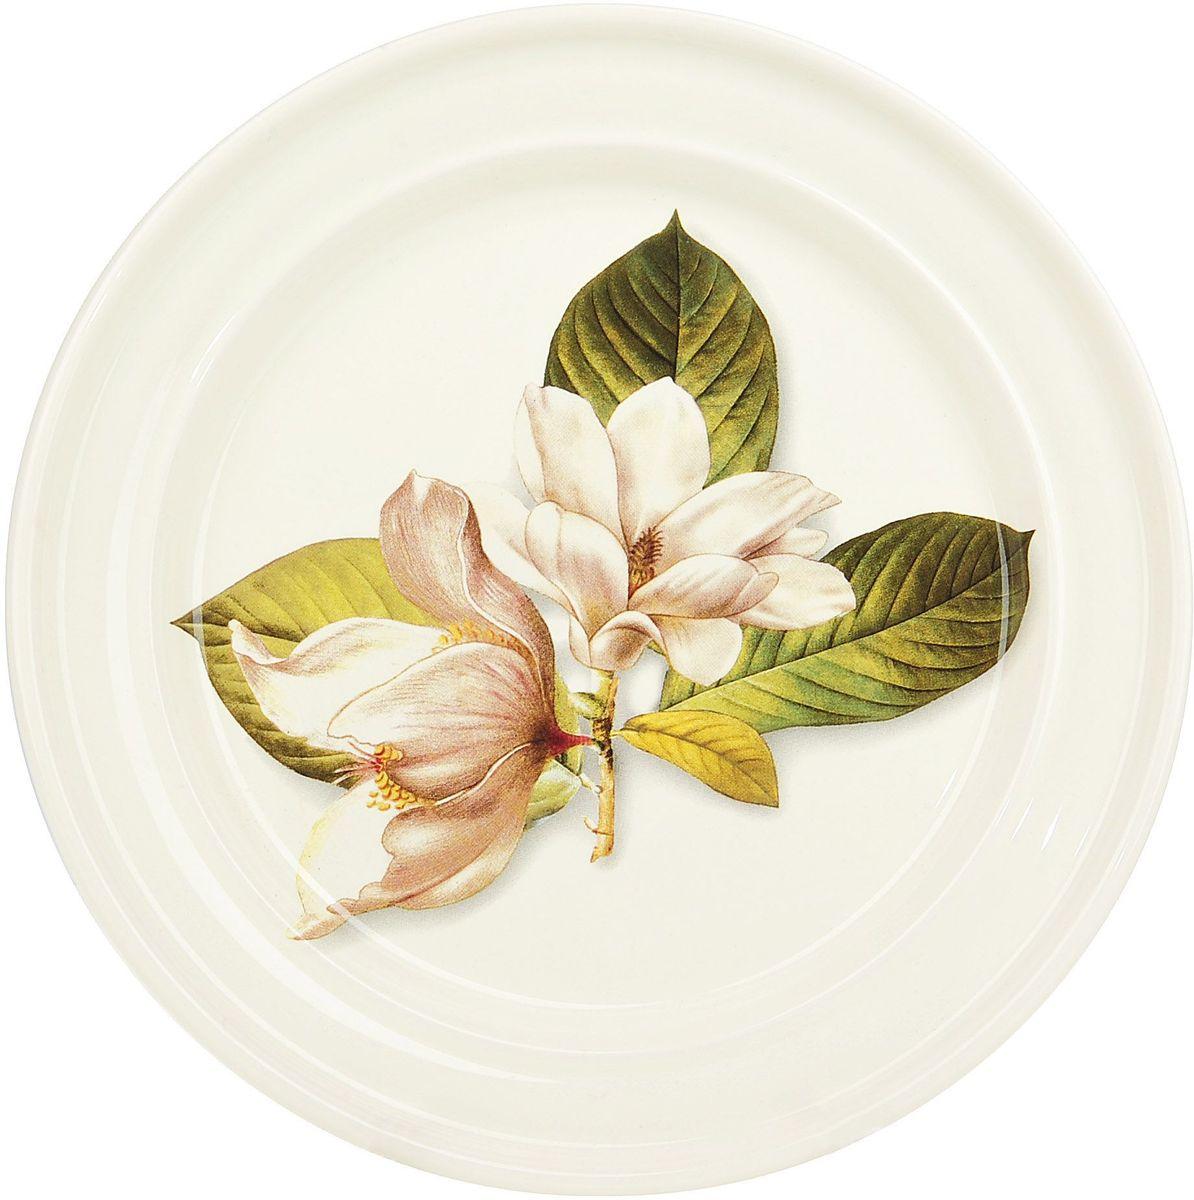 Тарелка десертная ENS Group Танго Магнолия, диаметр 23 см0910012Тарелка Танго Магнолия, изготовленная из высококачественного доломита, предназначена для красивой подачи различных блюд. Изделие декорировано изящным рисунком цветов и имеет изысканный внешний вид. Такая тарелка украсит сервировку стола и подчеркнет прекрасный вкус хозяйки.